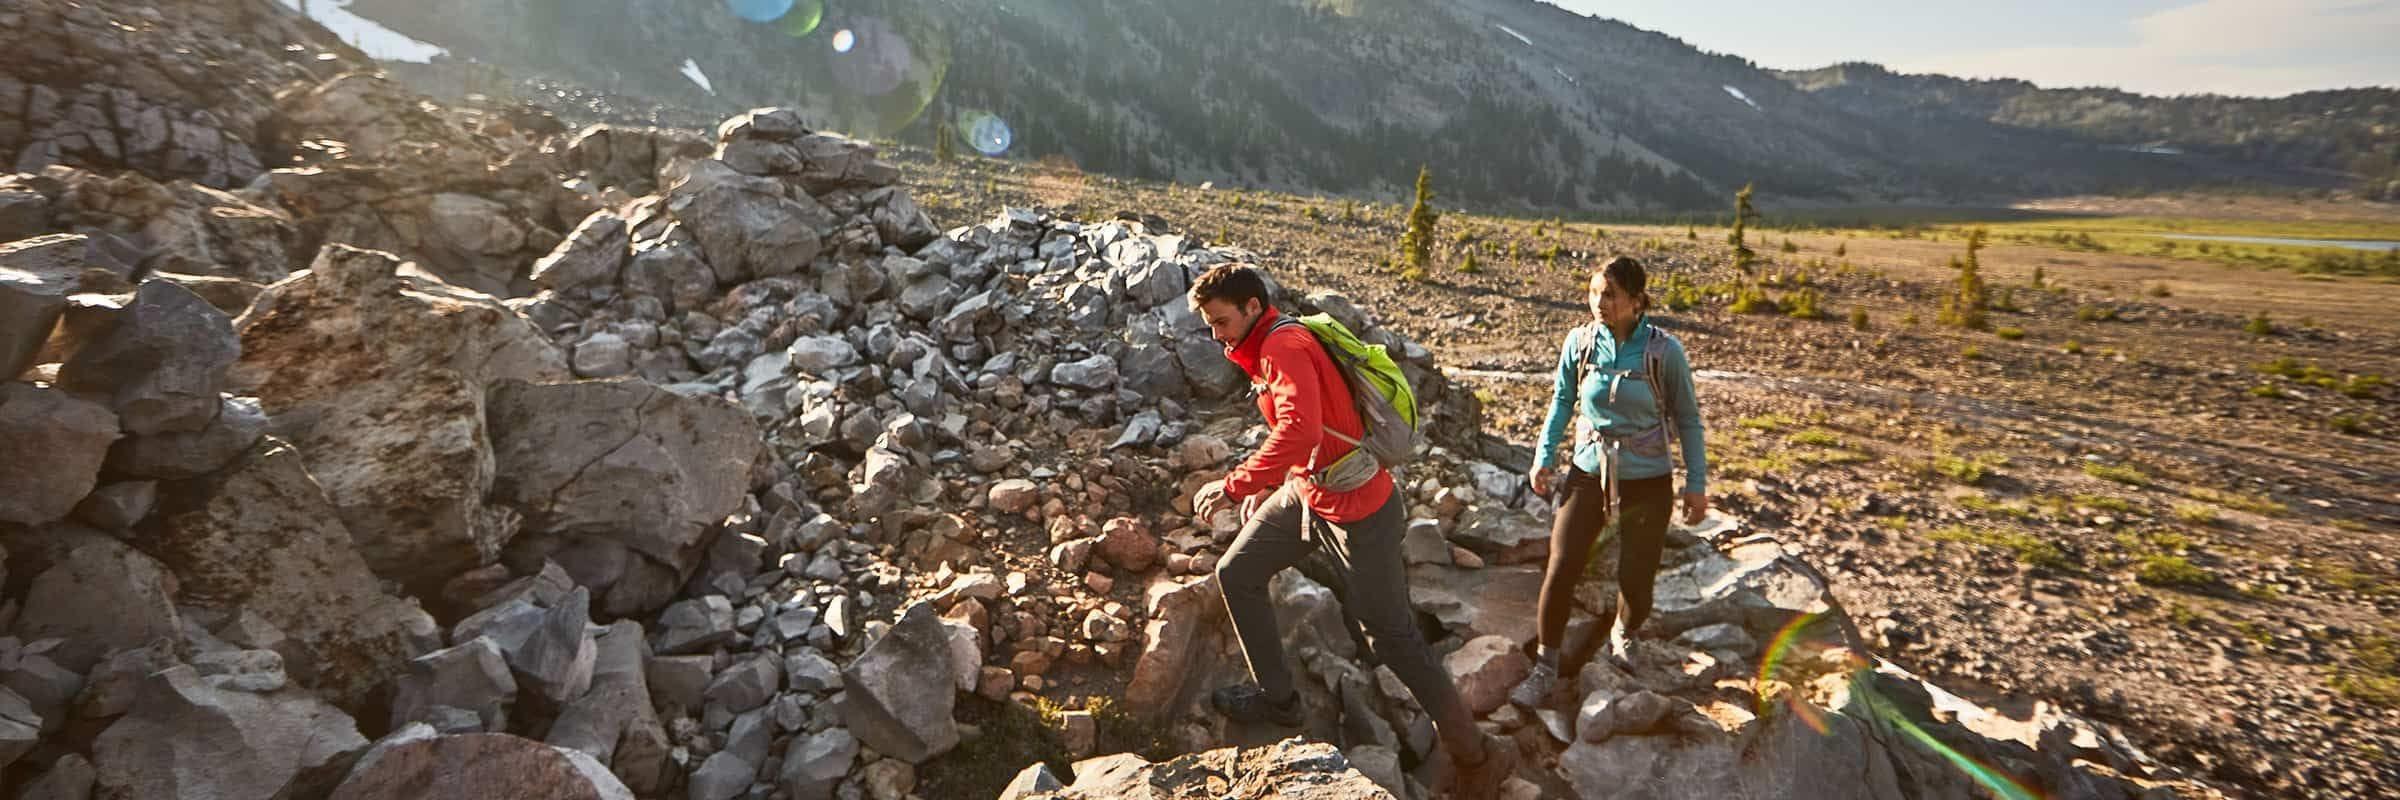 Comment The North Face travaille à réduire son impact environnemental